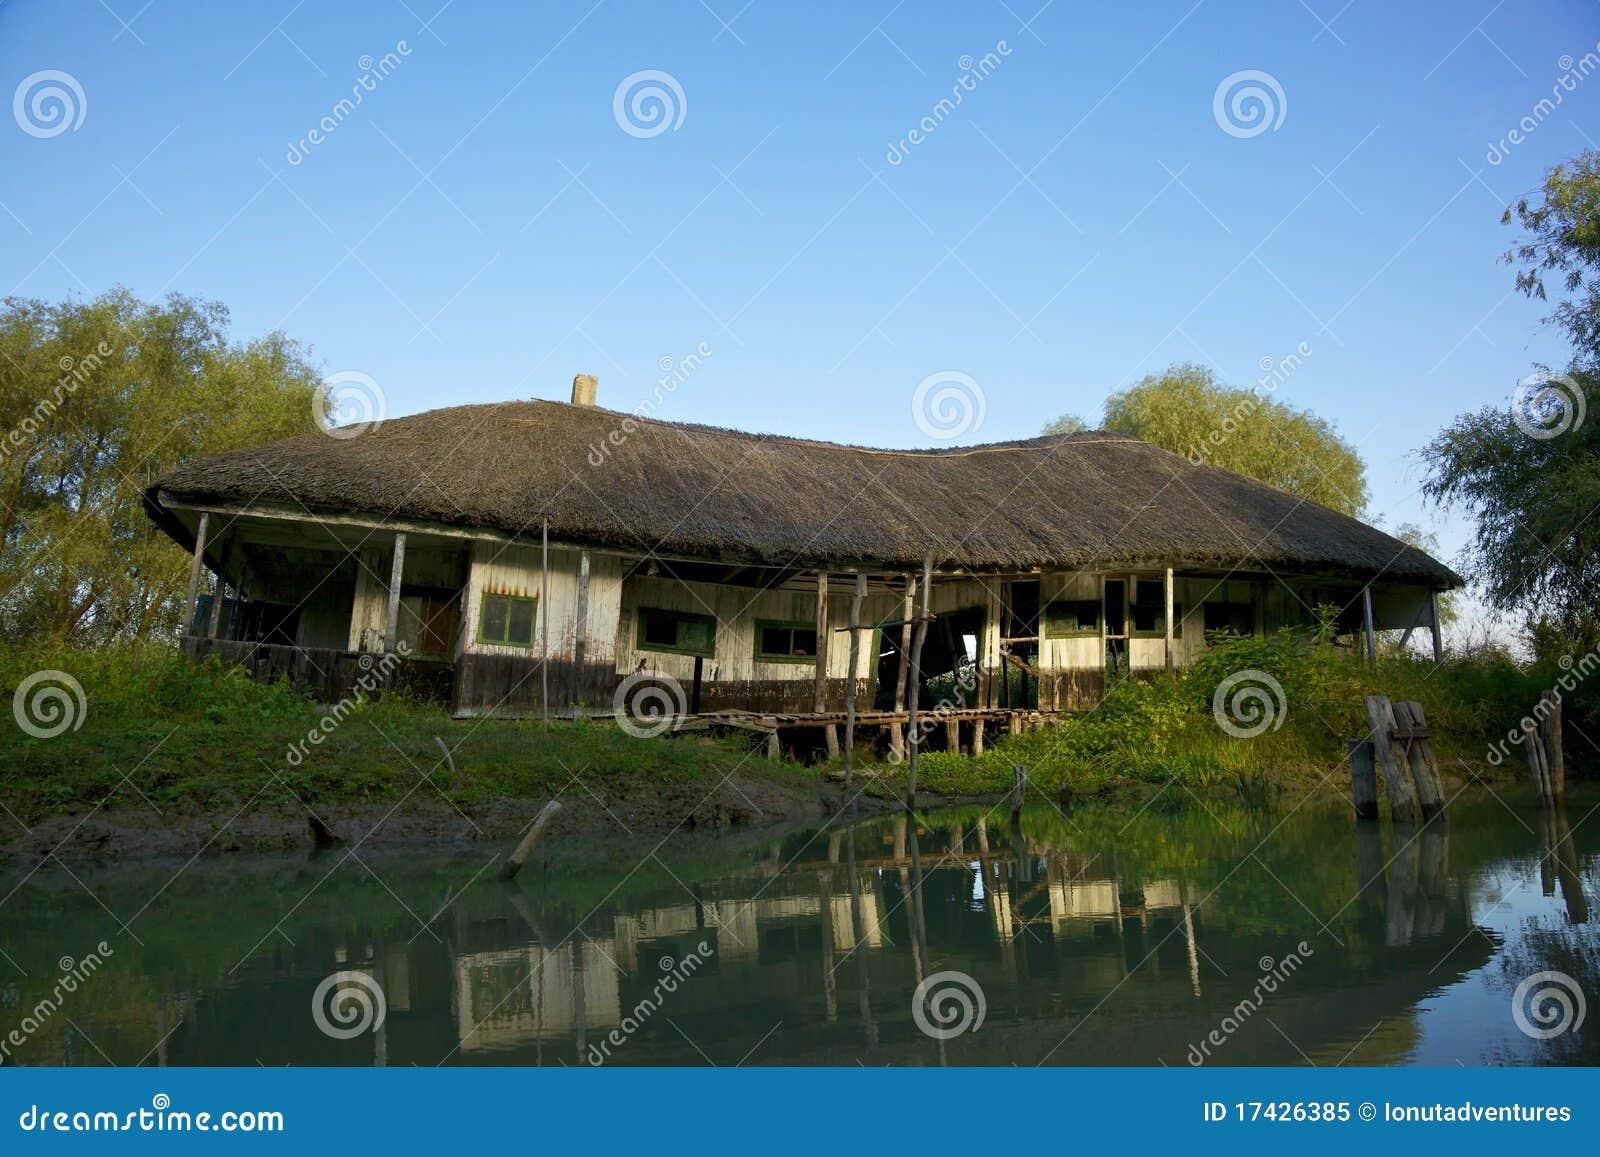 House in Danube Delta, Romania